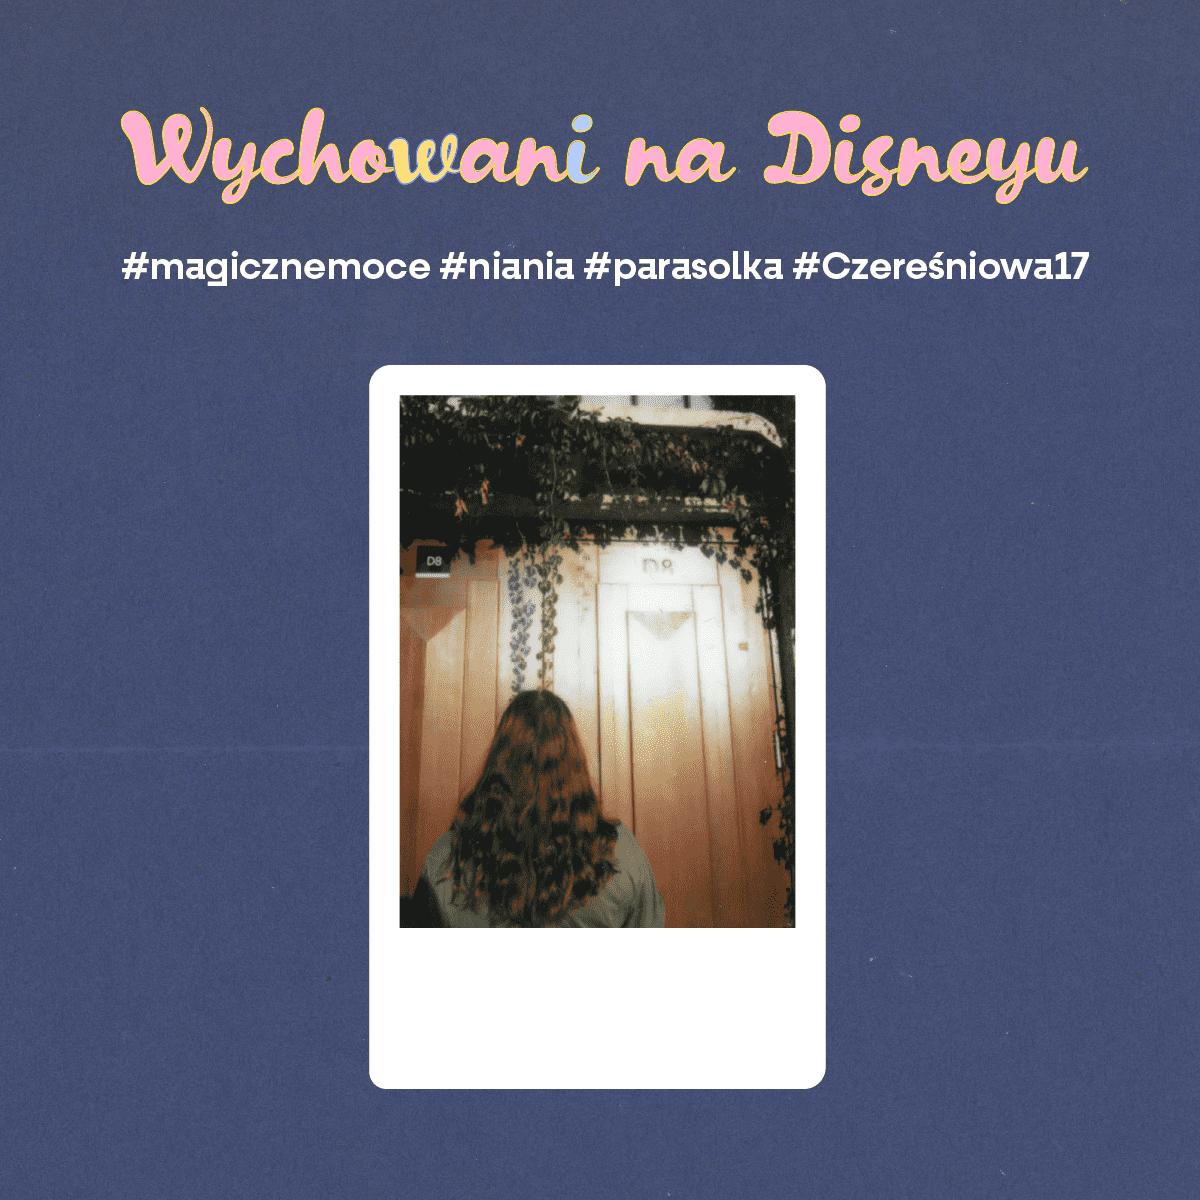 Wychowani na Disneyu (8)